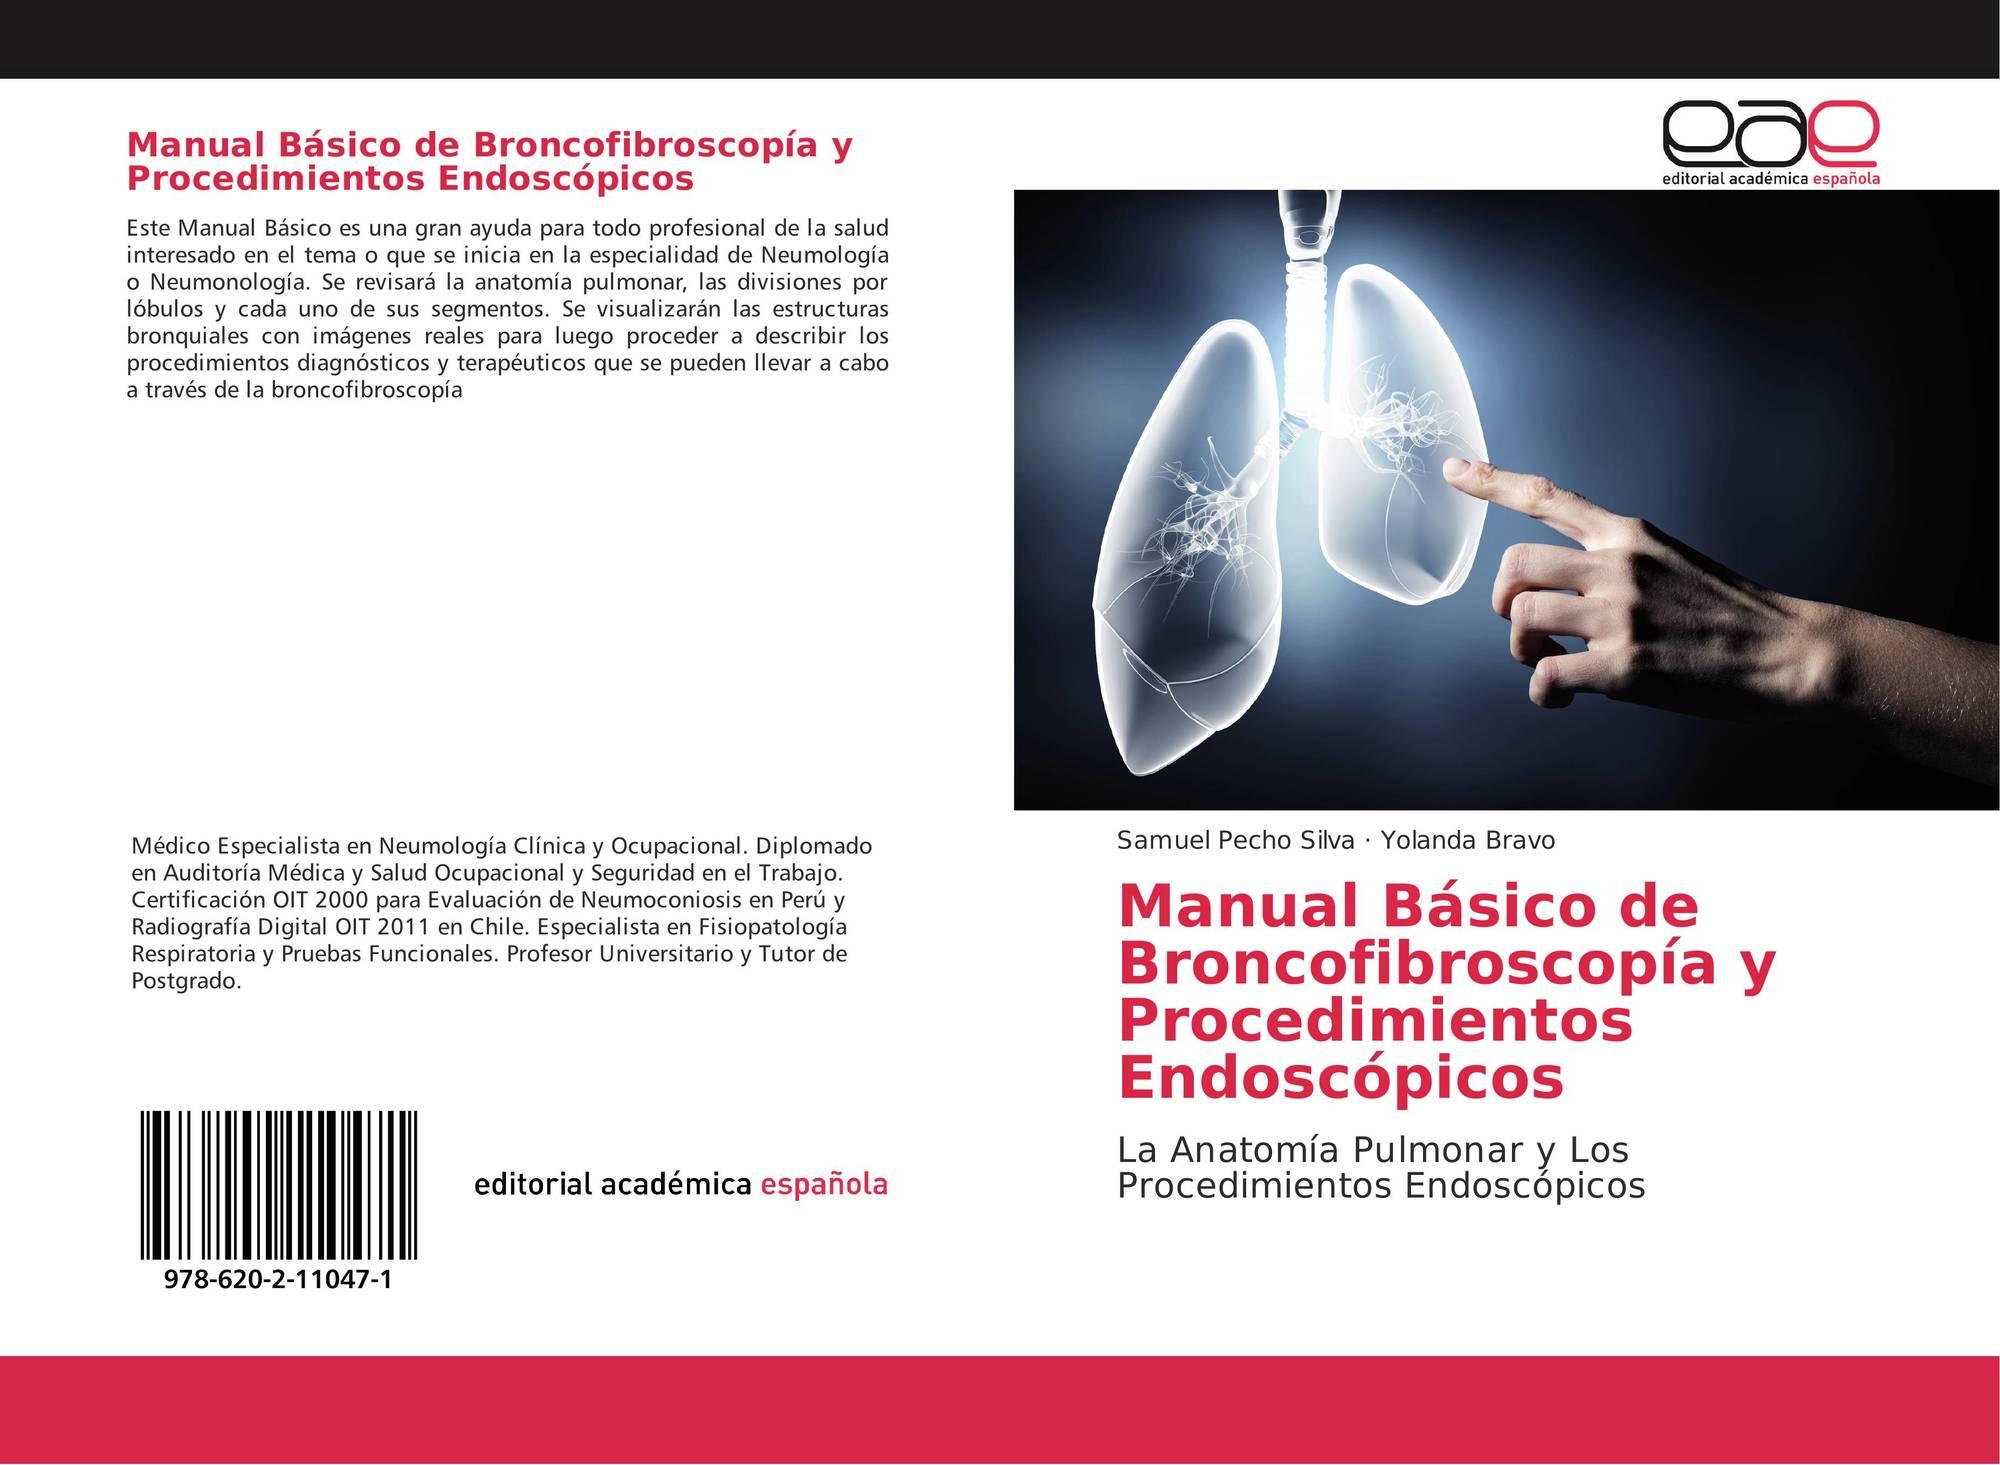 Manual Básico de Broncofibroscopía y Procedimientos Endoscópicos ...